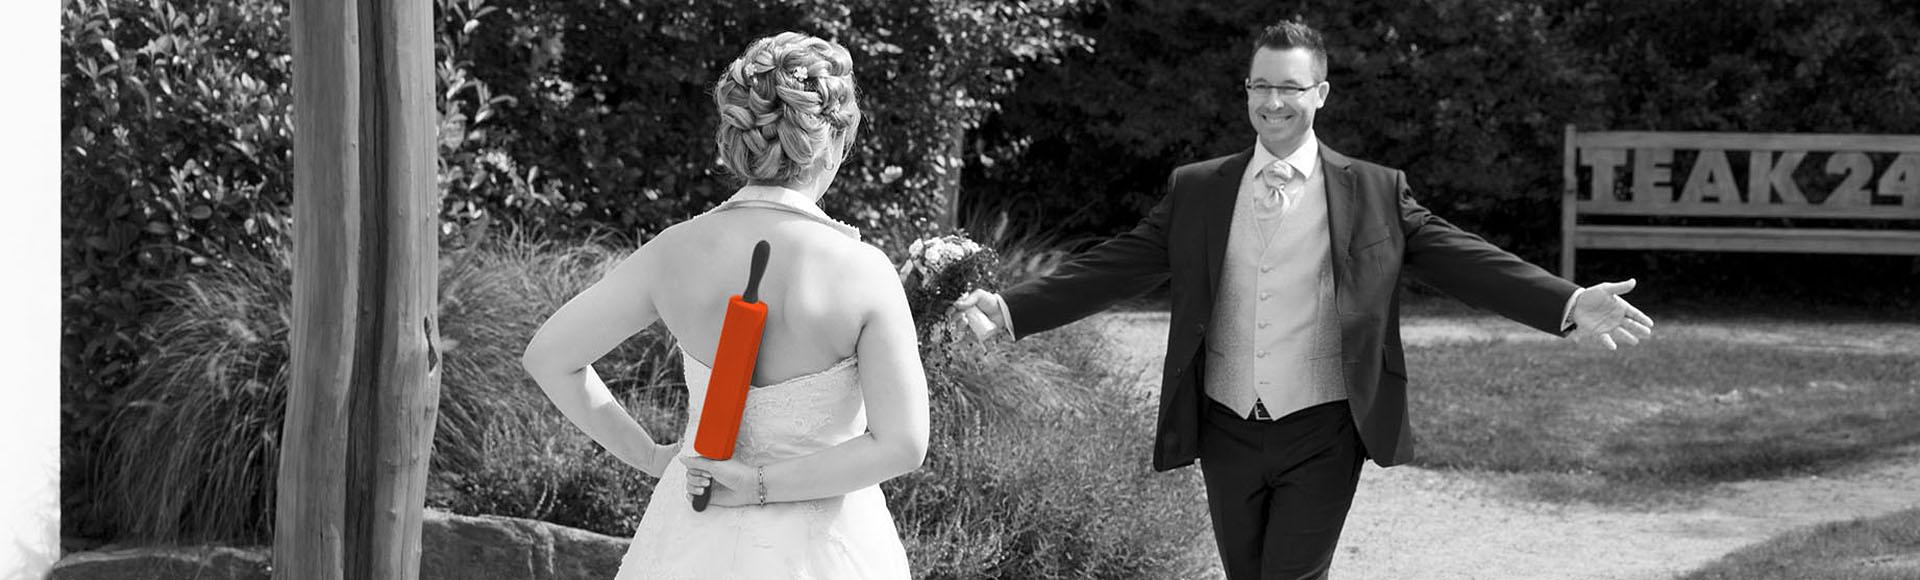 Ausgefallene Hochzeitsfotografien